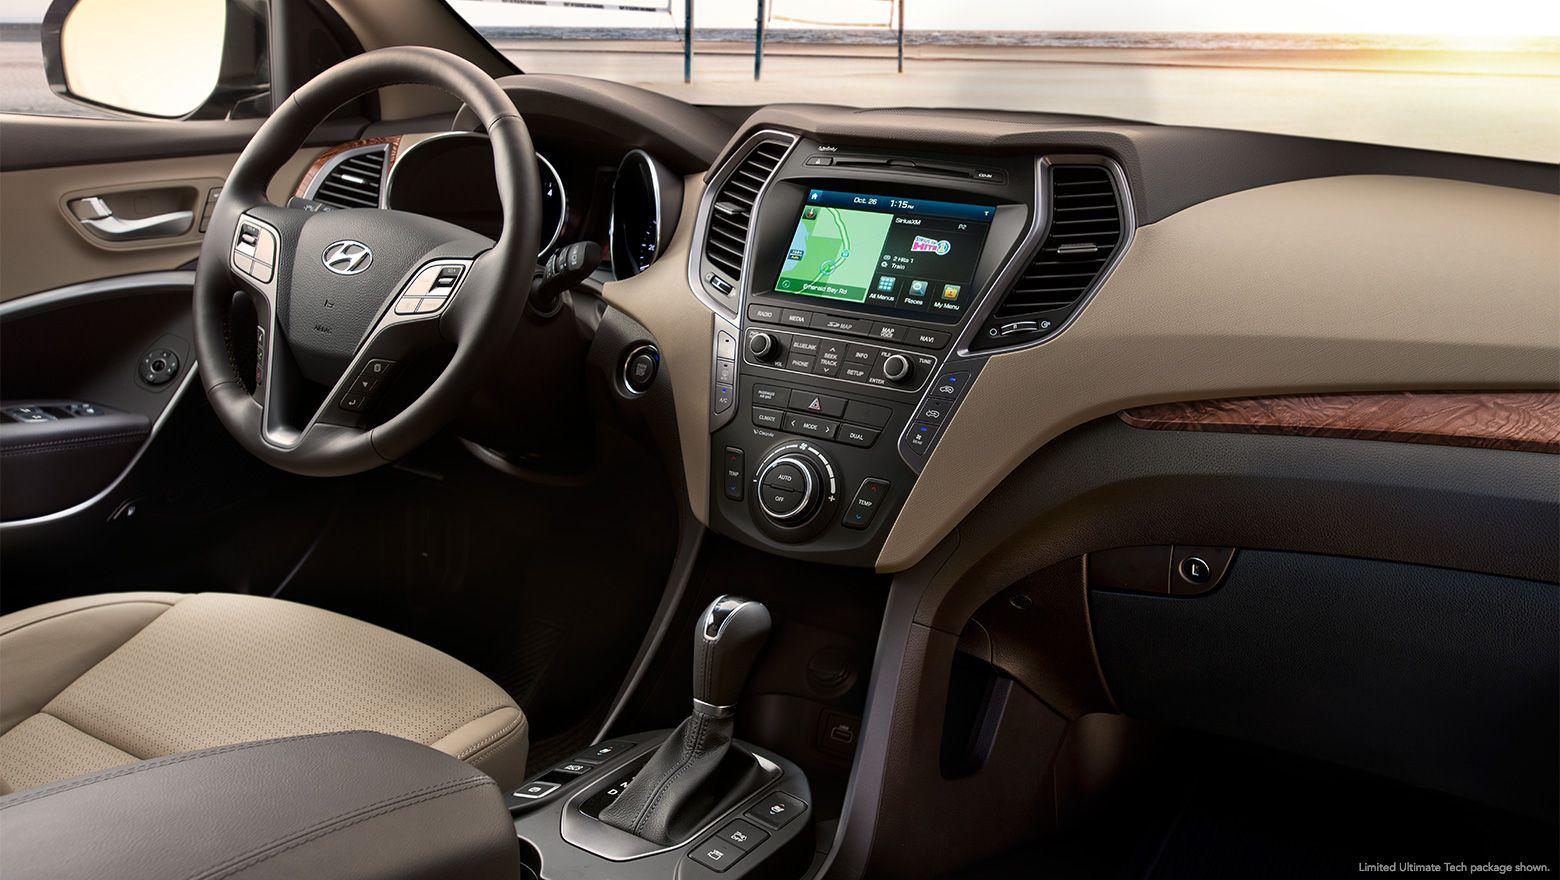 Pin On Interiores De Hyundai